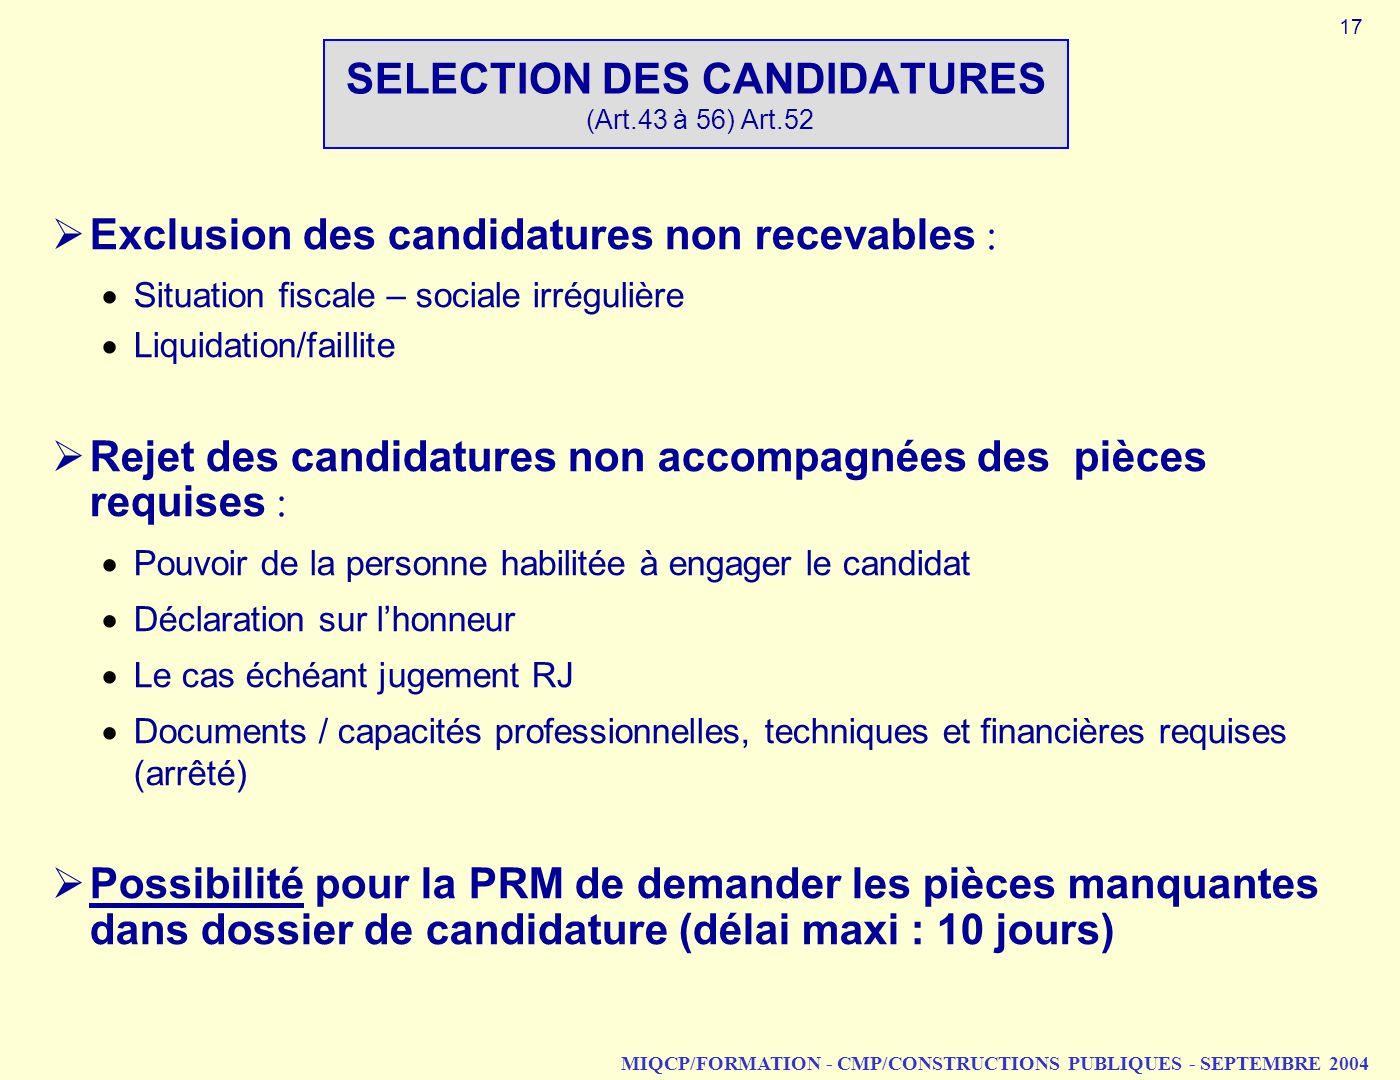 MIQCP/FORMATION - CMP/CONSTRUCTIONS PUBLIQUES - SEPTEMBRE 2004 SELECTION DES CANDIDATURES (Art.43 à 56) Art.52 Exclusion des candidatures non recevabl